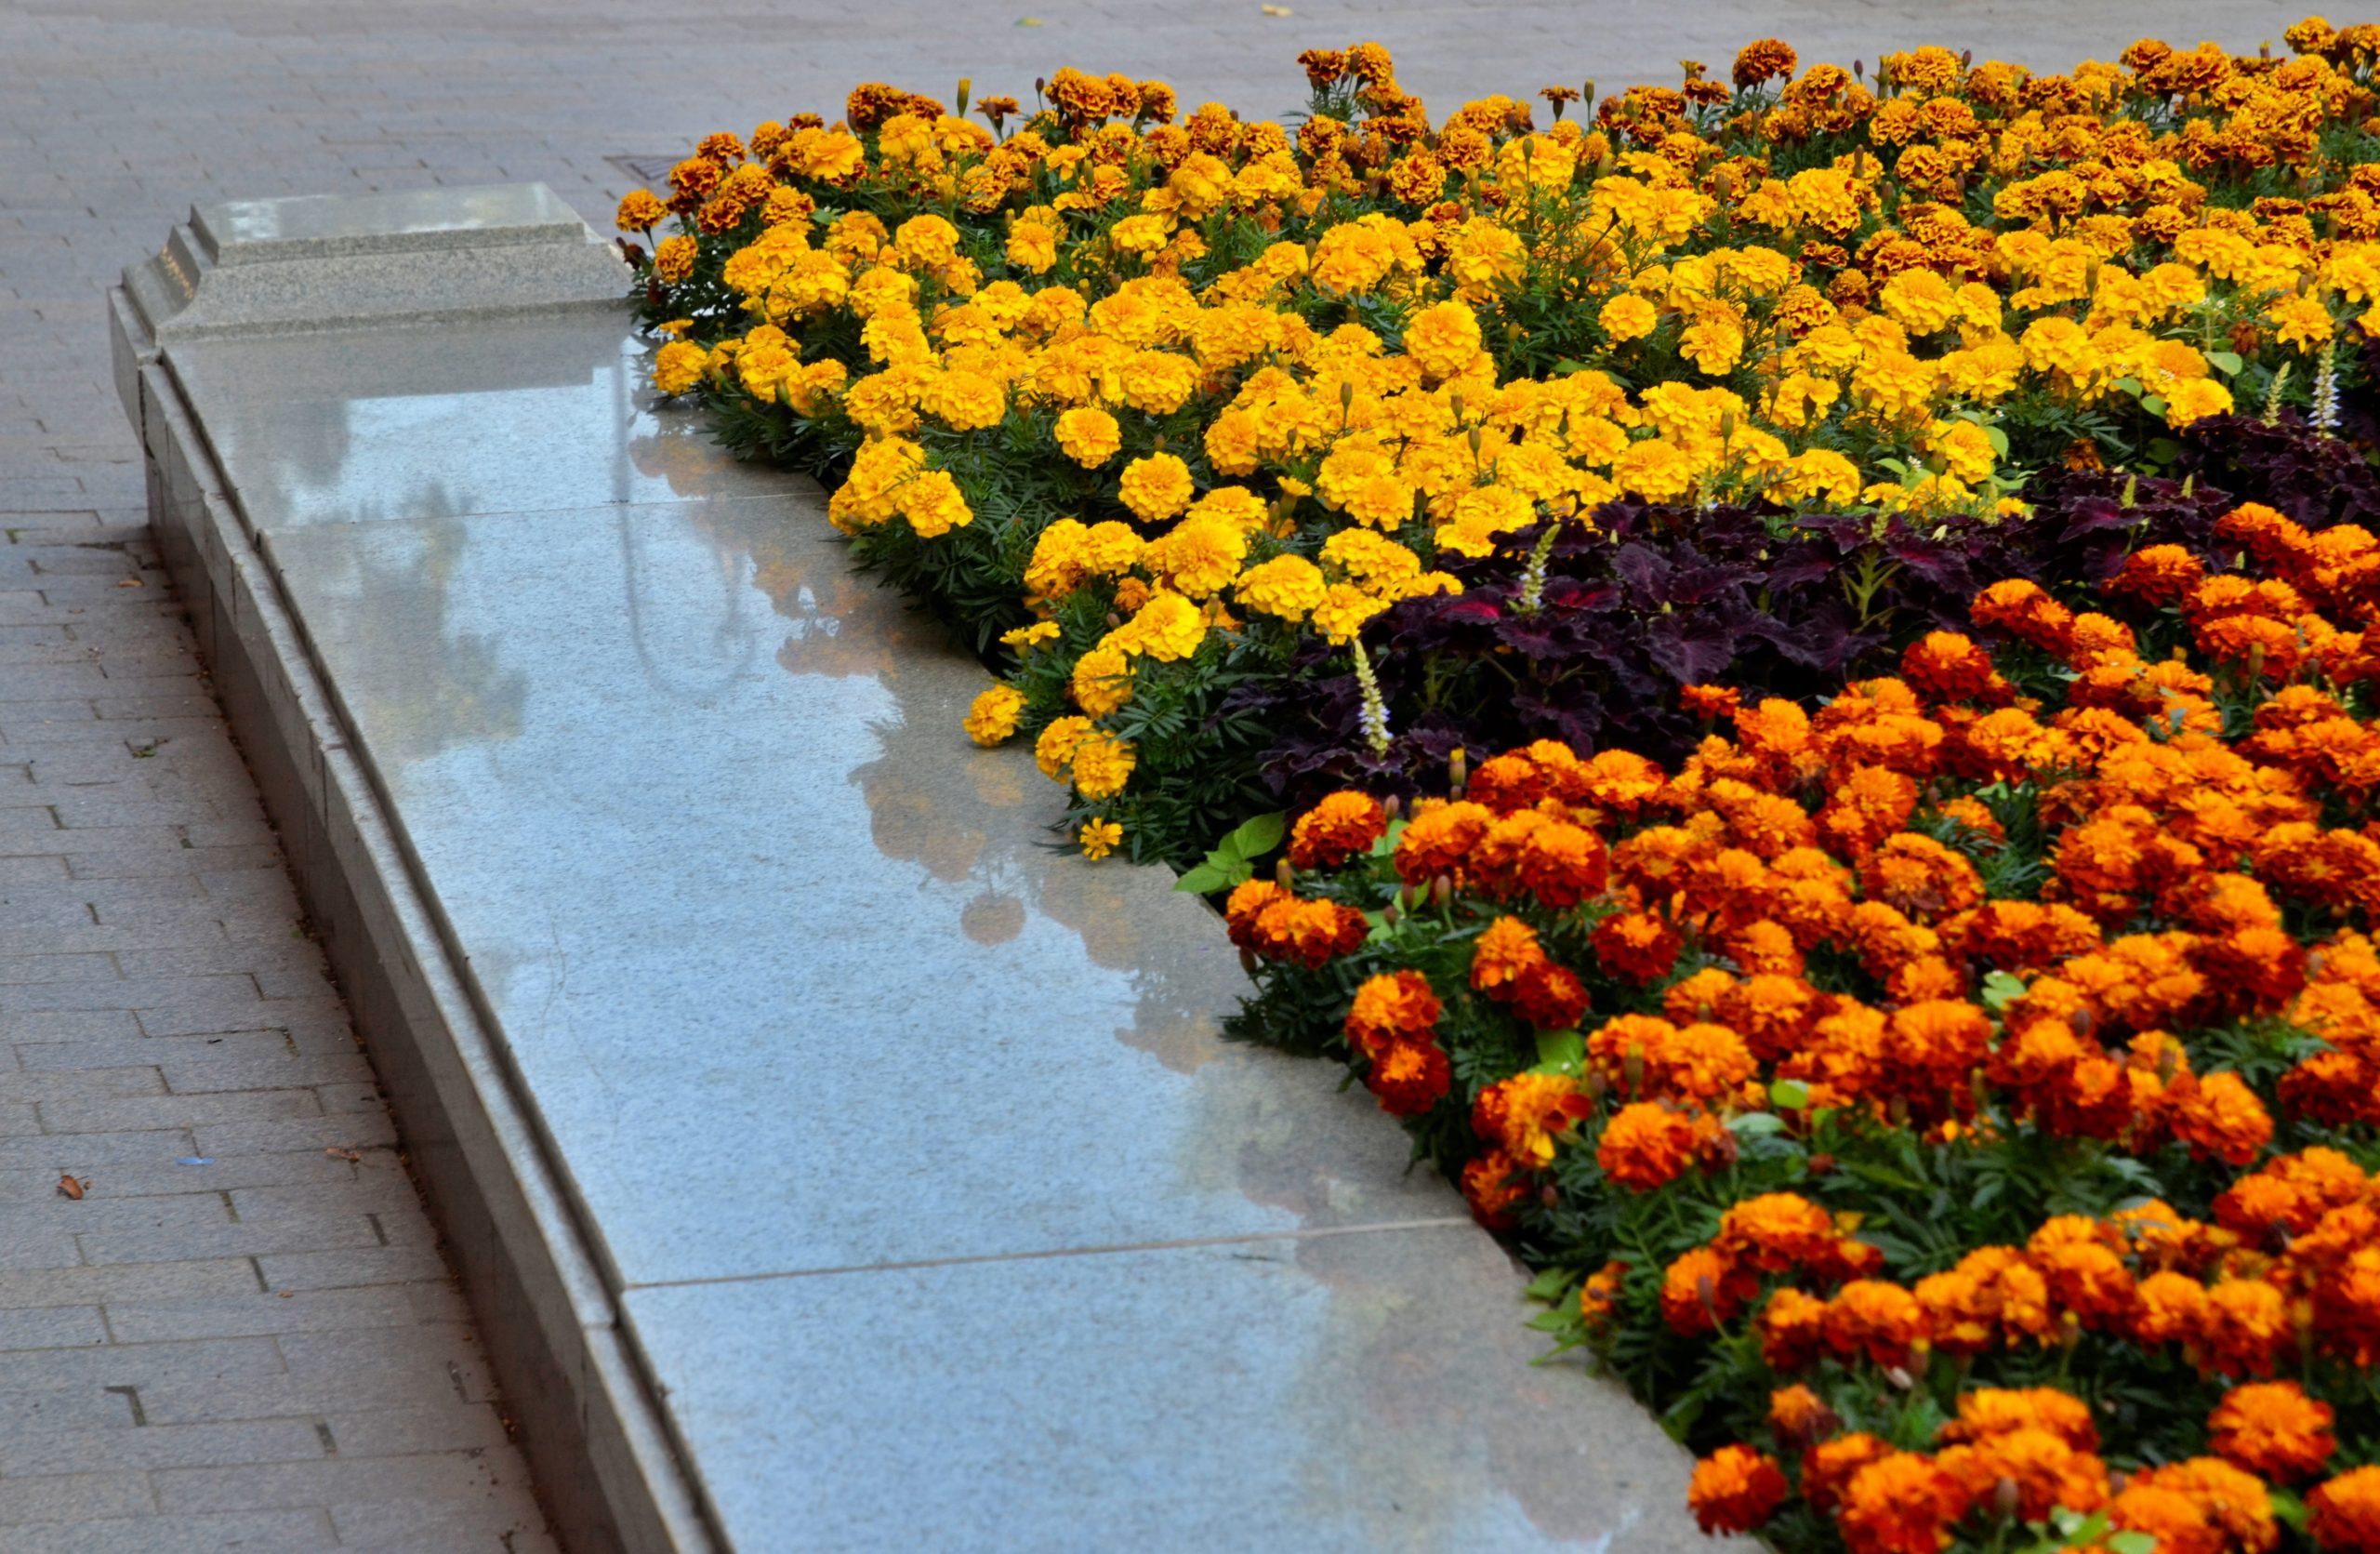 Около 54 миллионов цветов украсят скверы и парки столицы в этом году